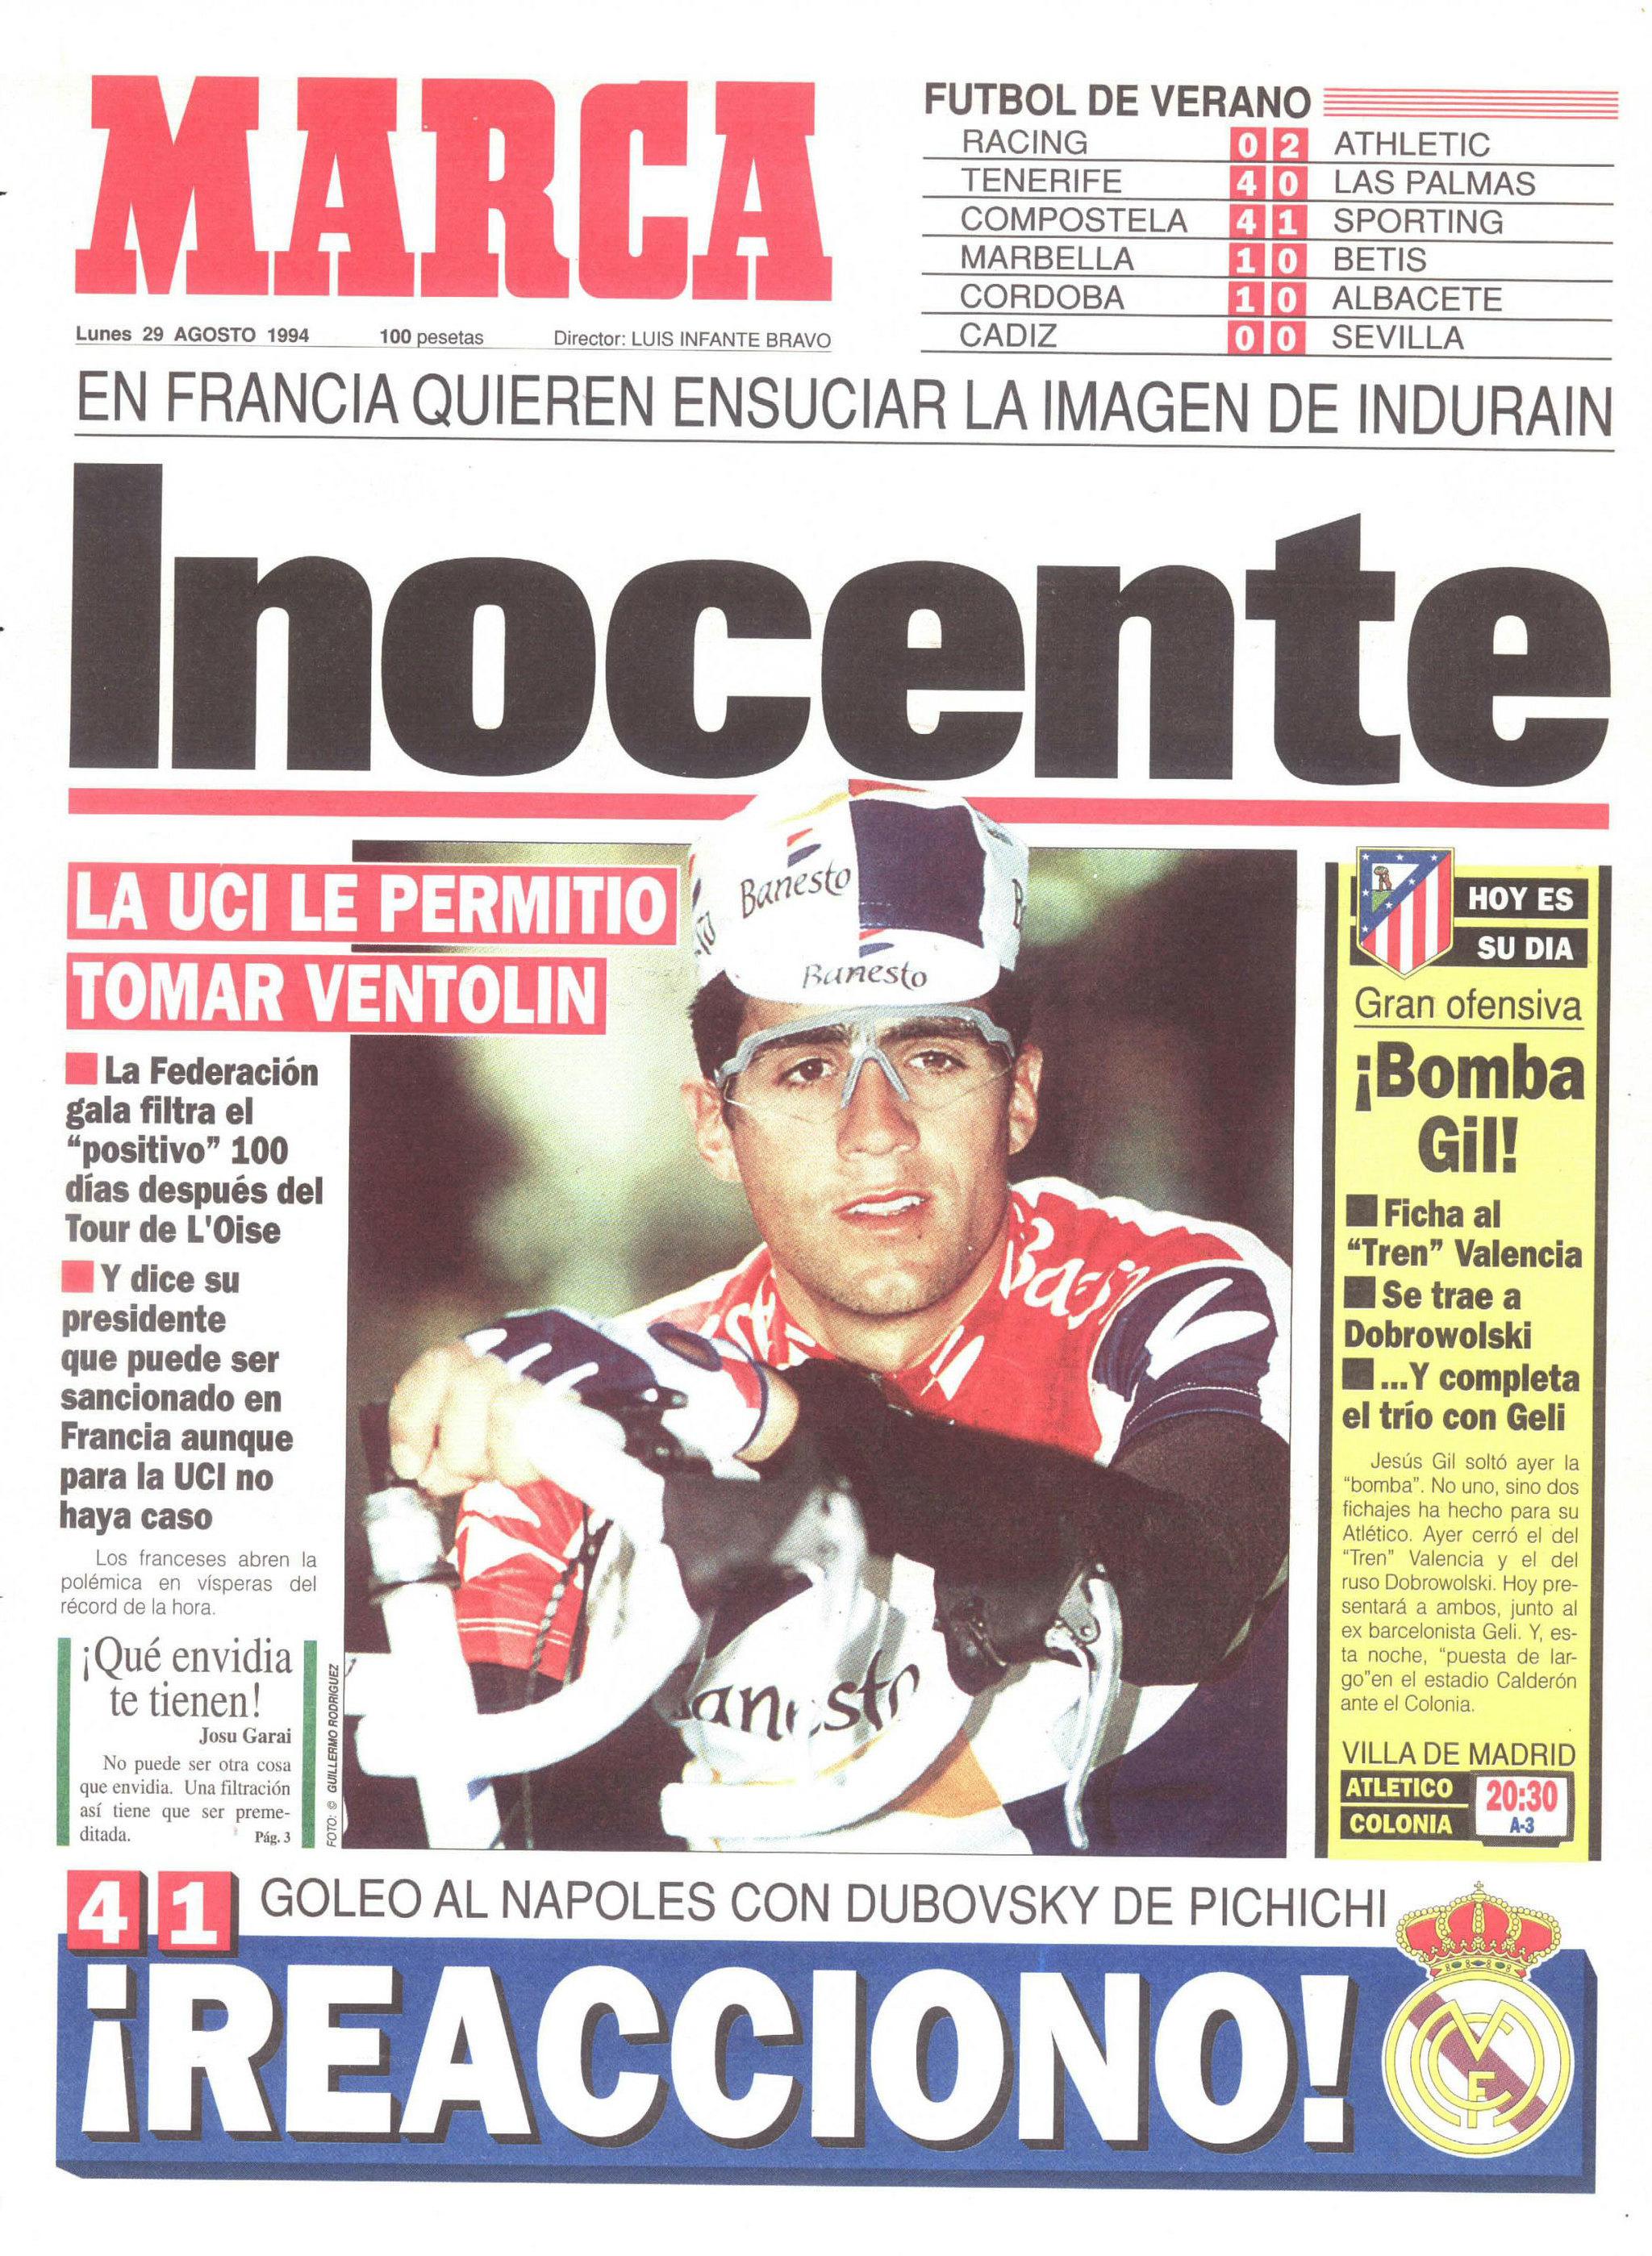 La portada de MARCA del 29 de agosto de 1994